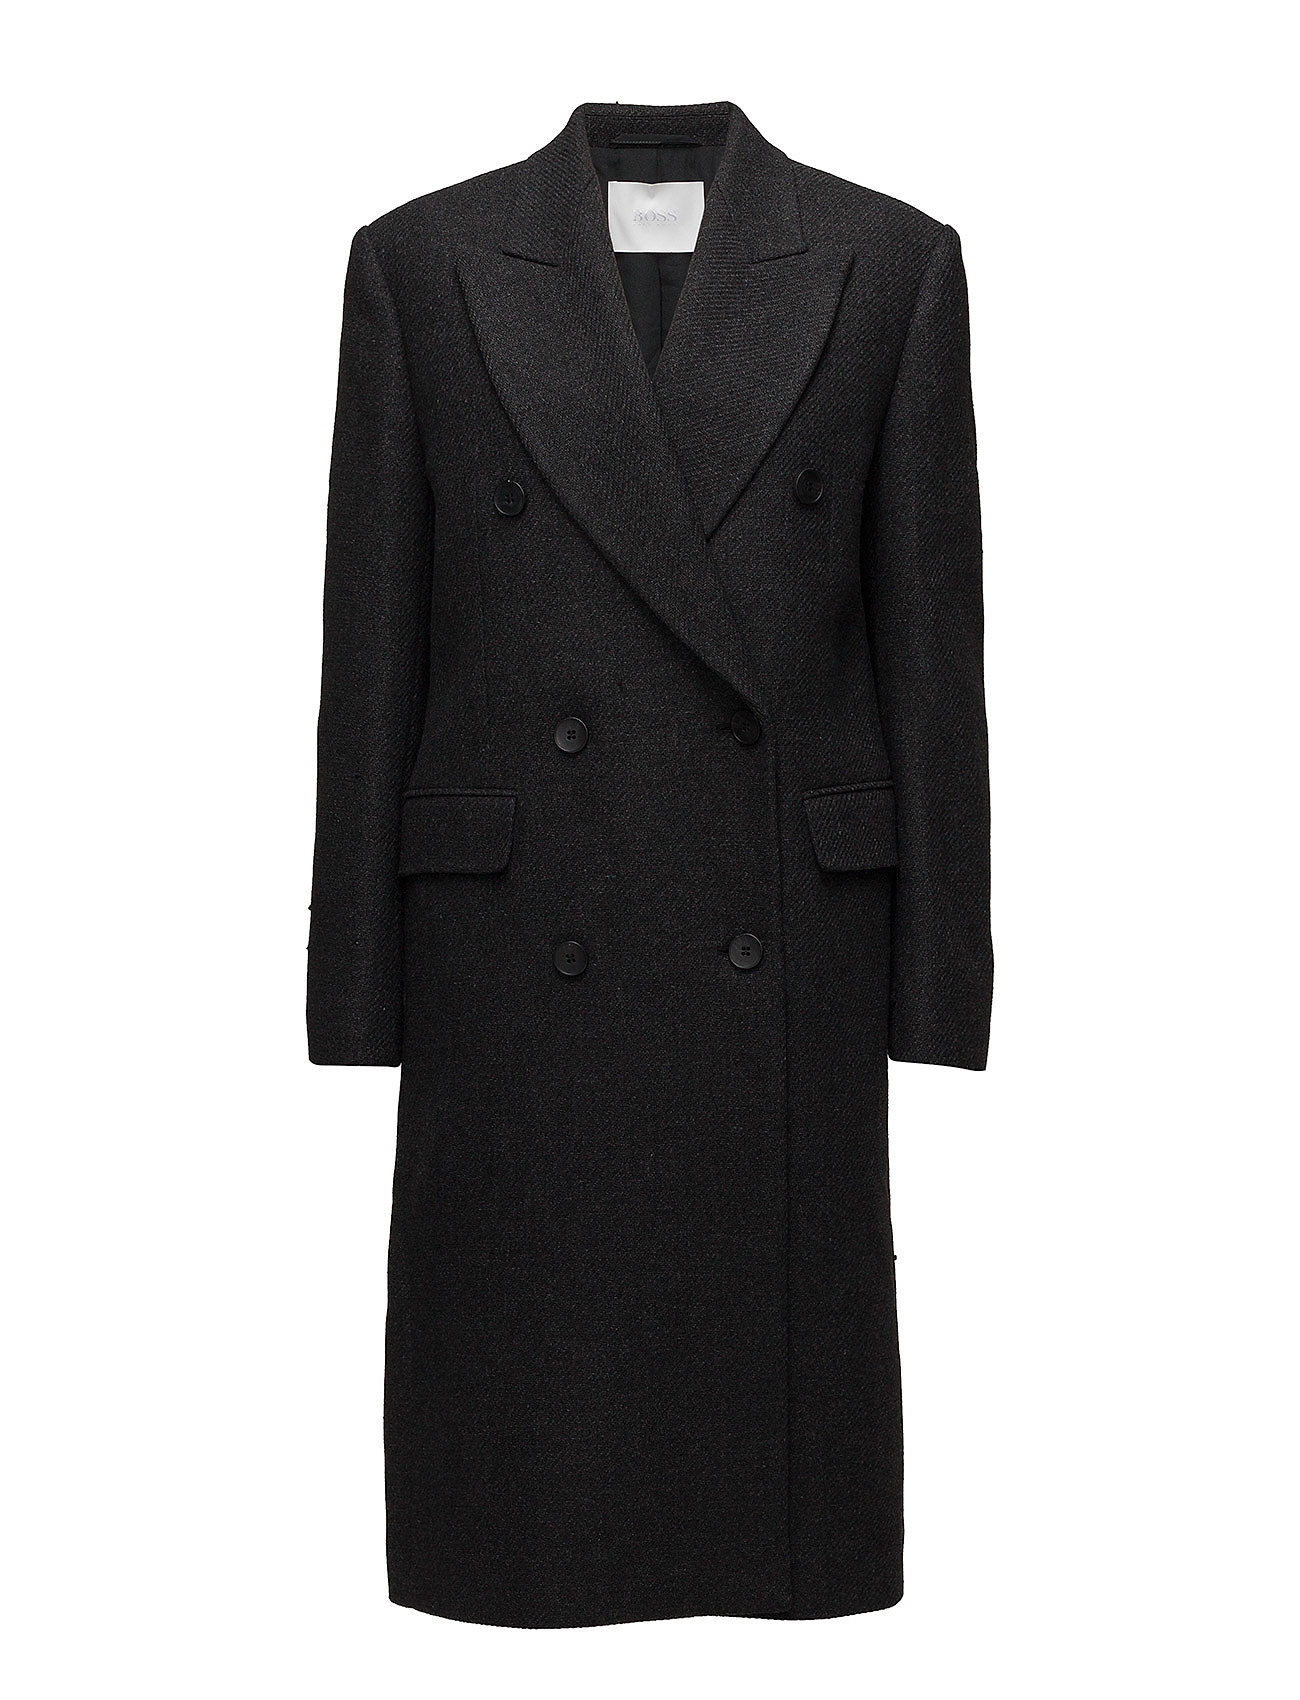 BOSS Business Wear Cisander - BLACK